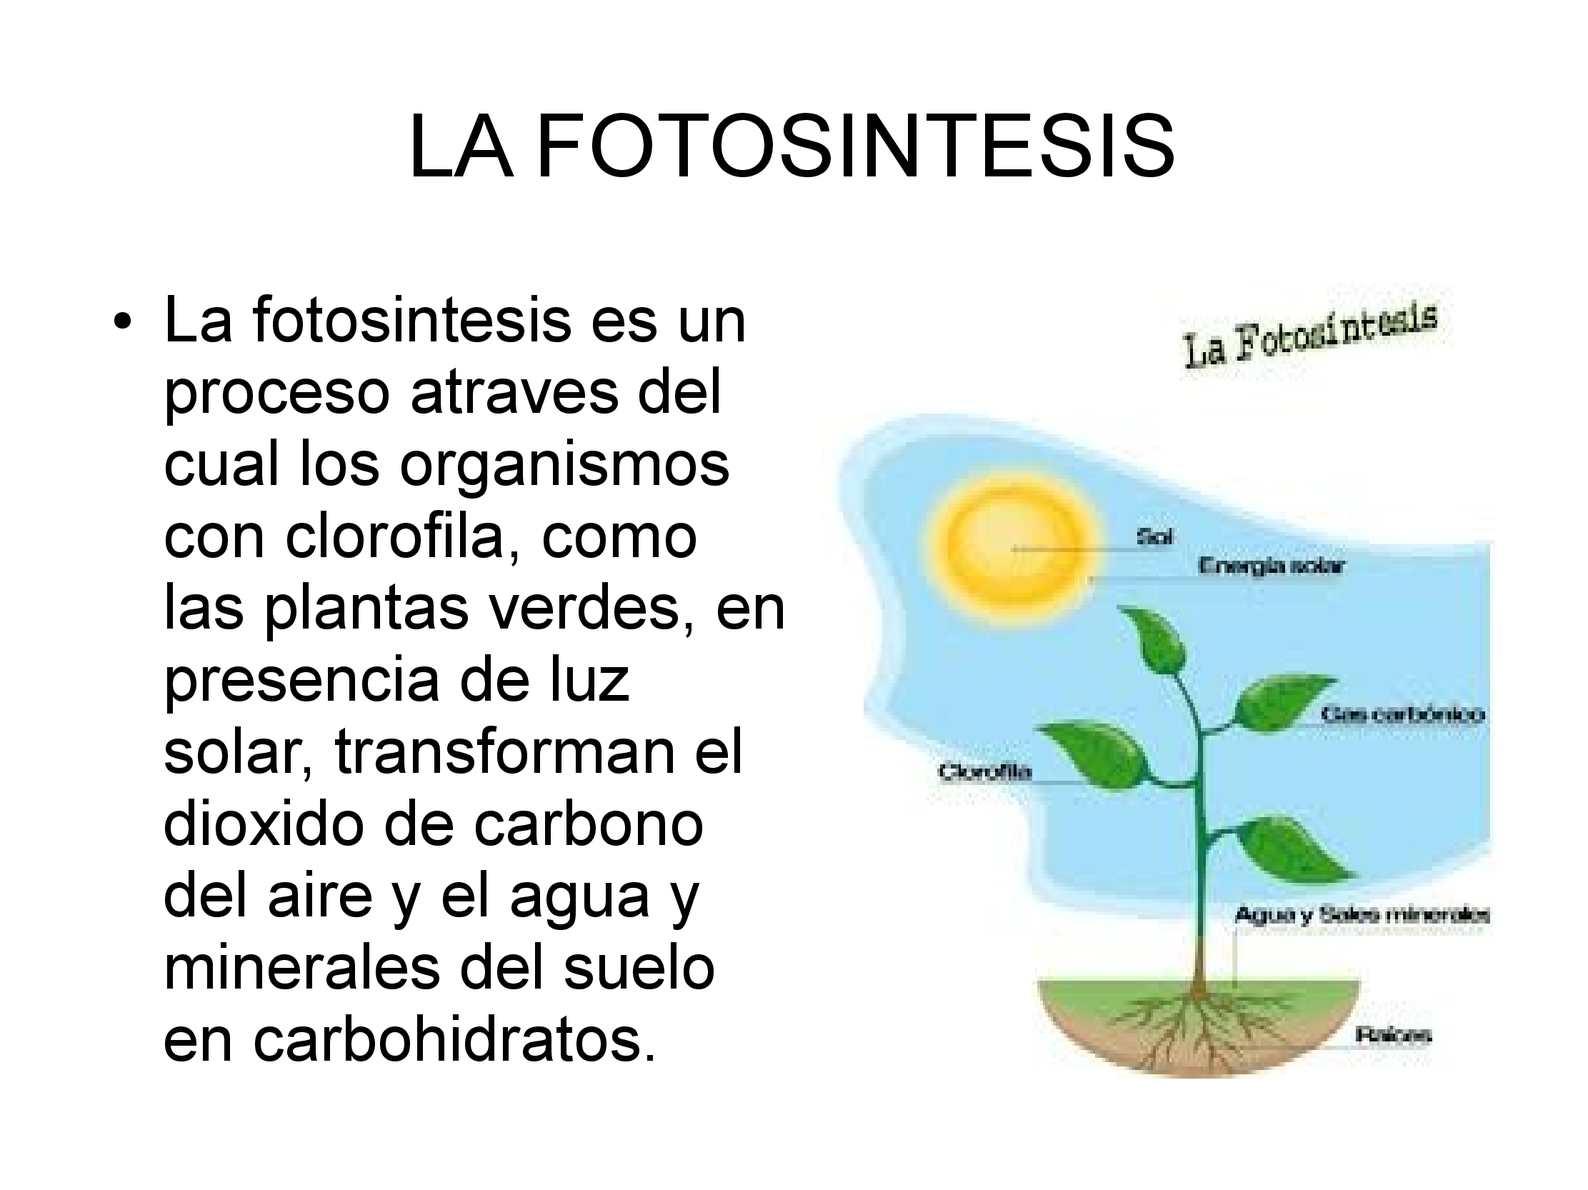 Calaméo - la fotosintesis